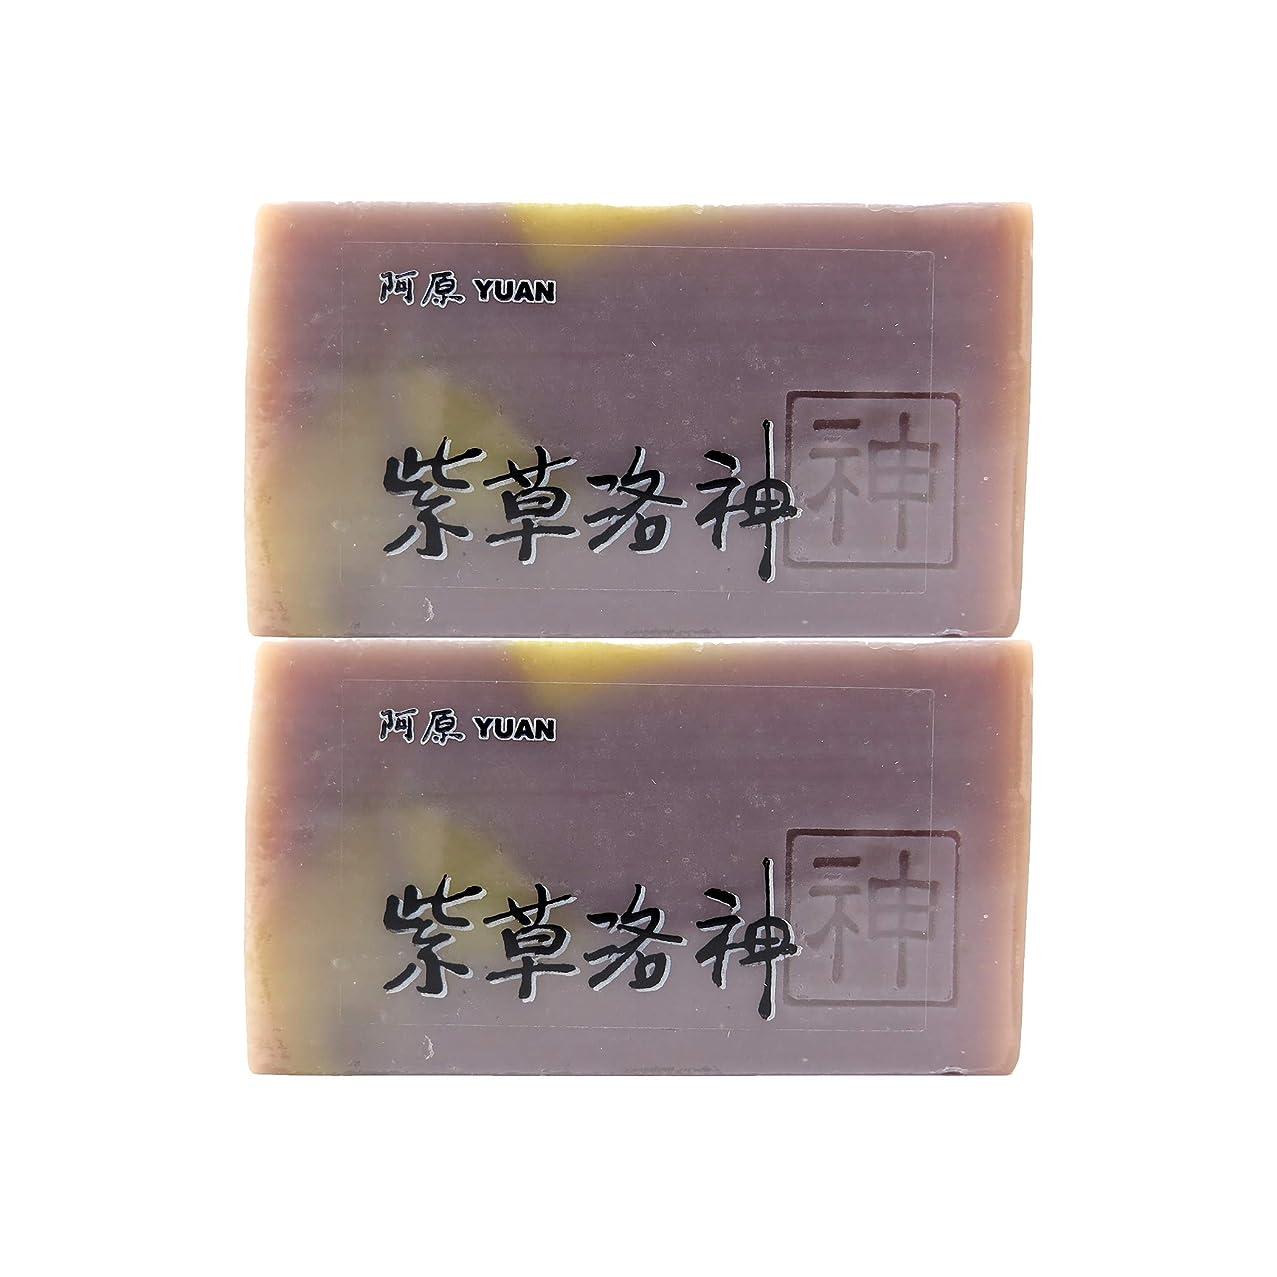 粒アミューズメント試してみるユアン(YUAN) ハイビスカスソープ 100g (2個セット)